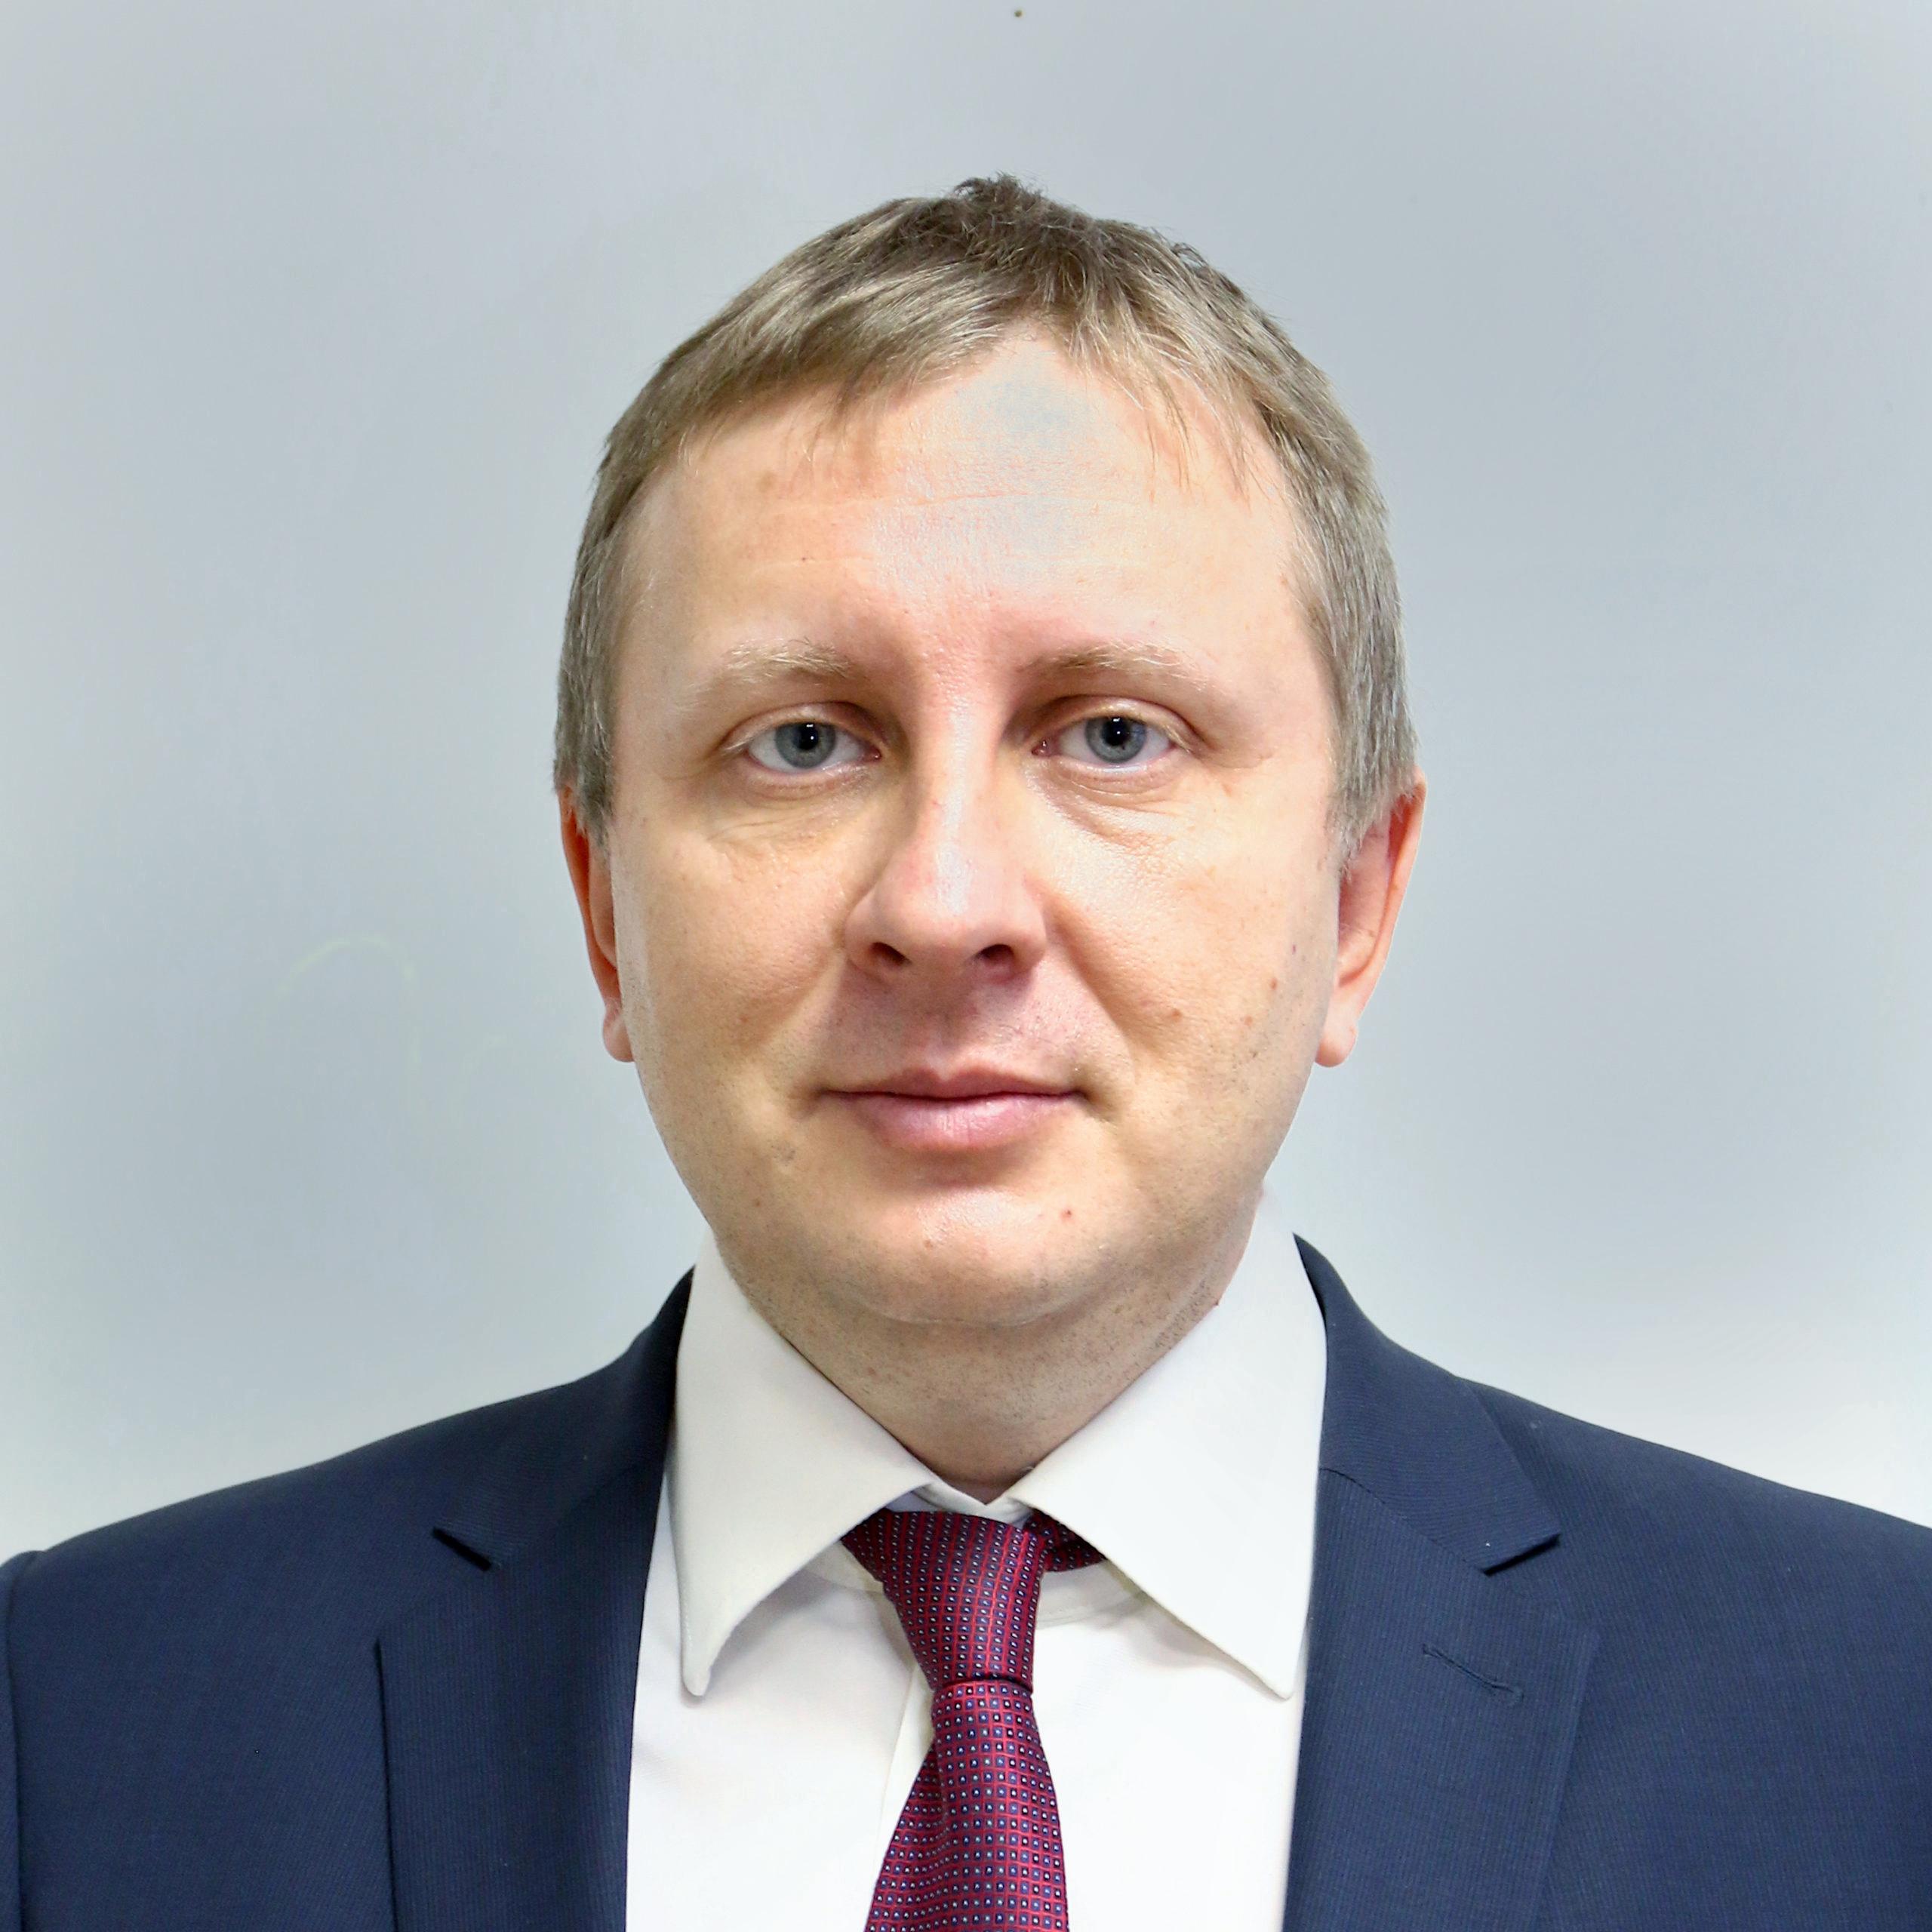 Шевченко Вячеслав Дмитриевич